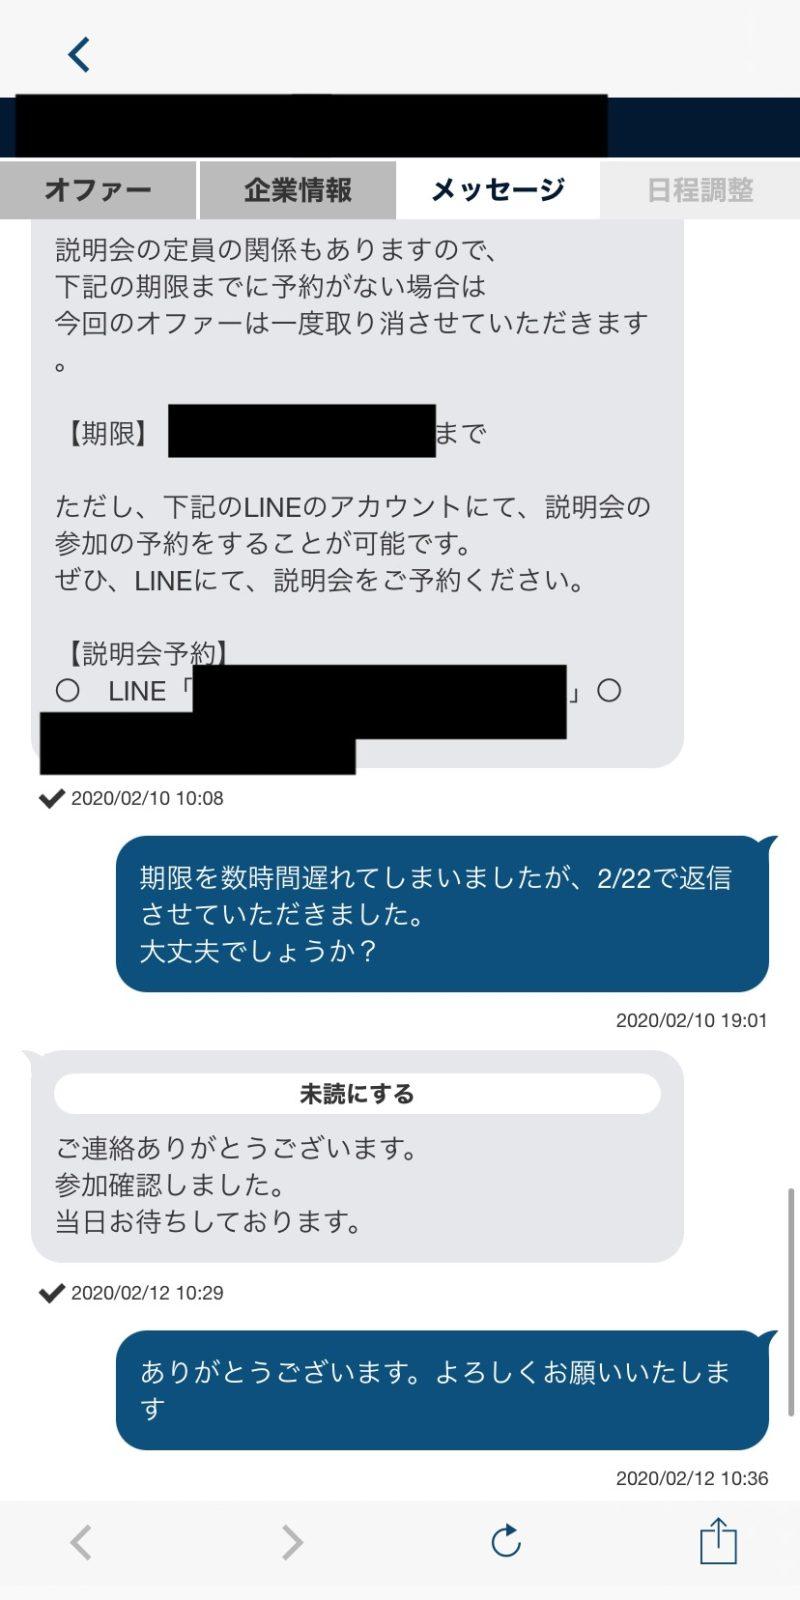 オファーボックスのメッセージ機能